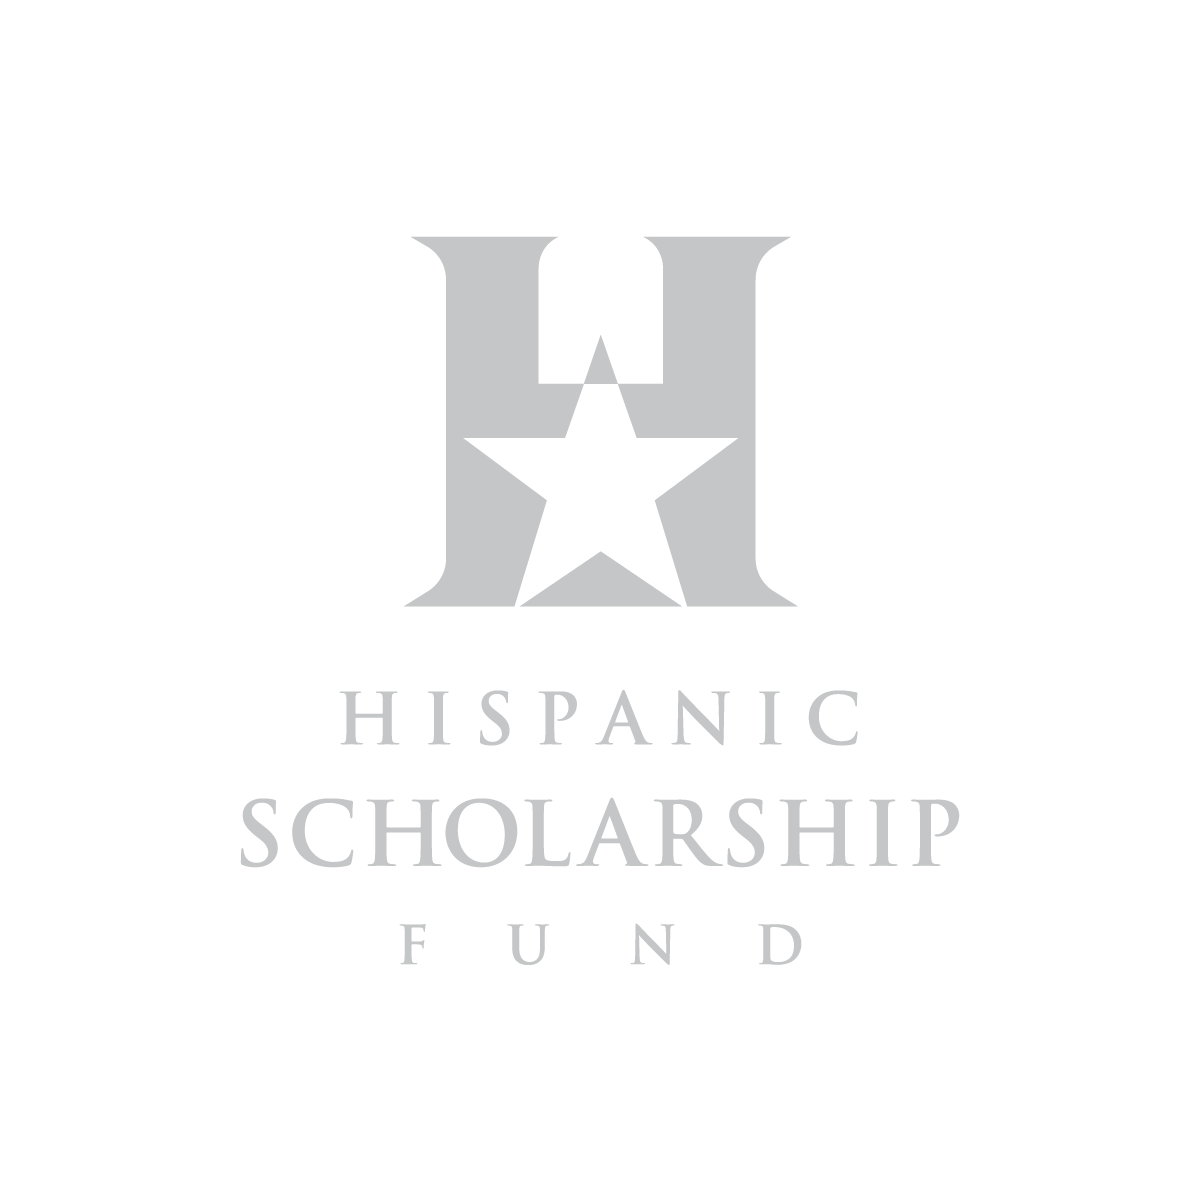 Hispanic Scholarship Fund.png